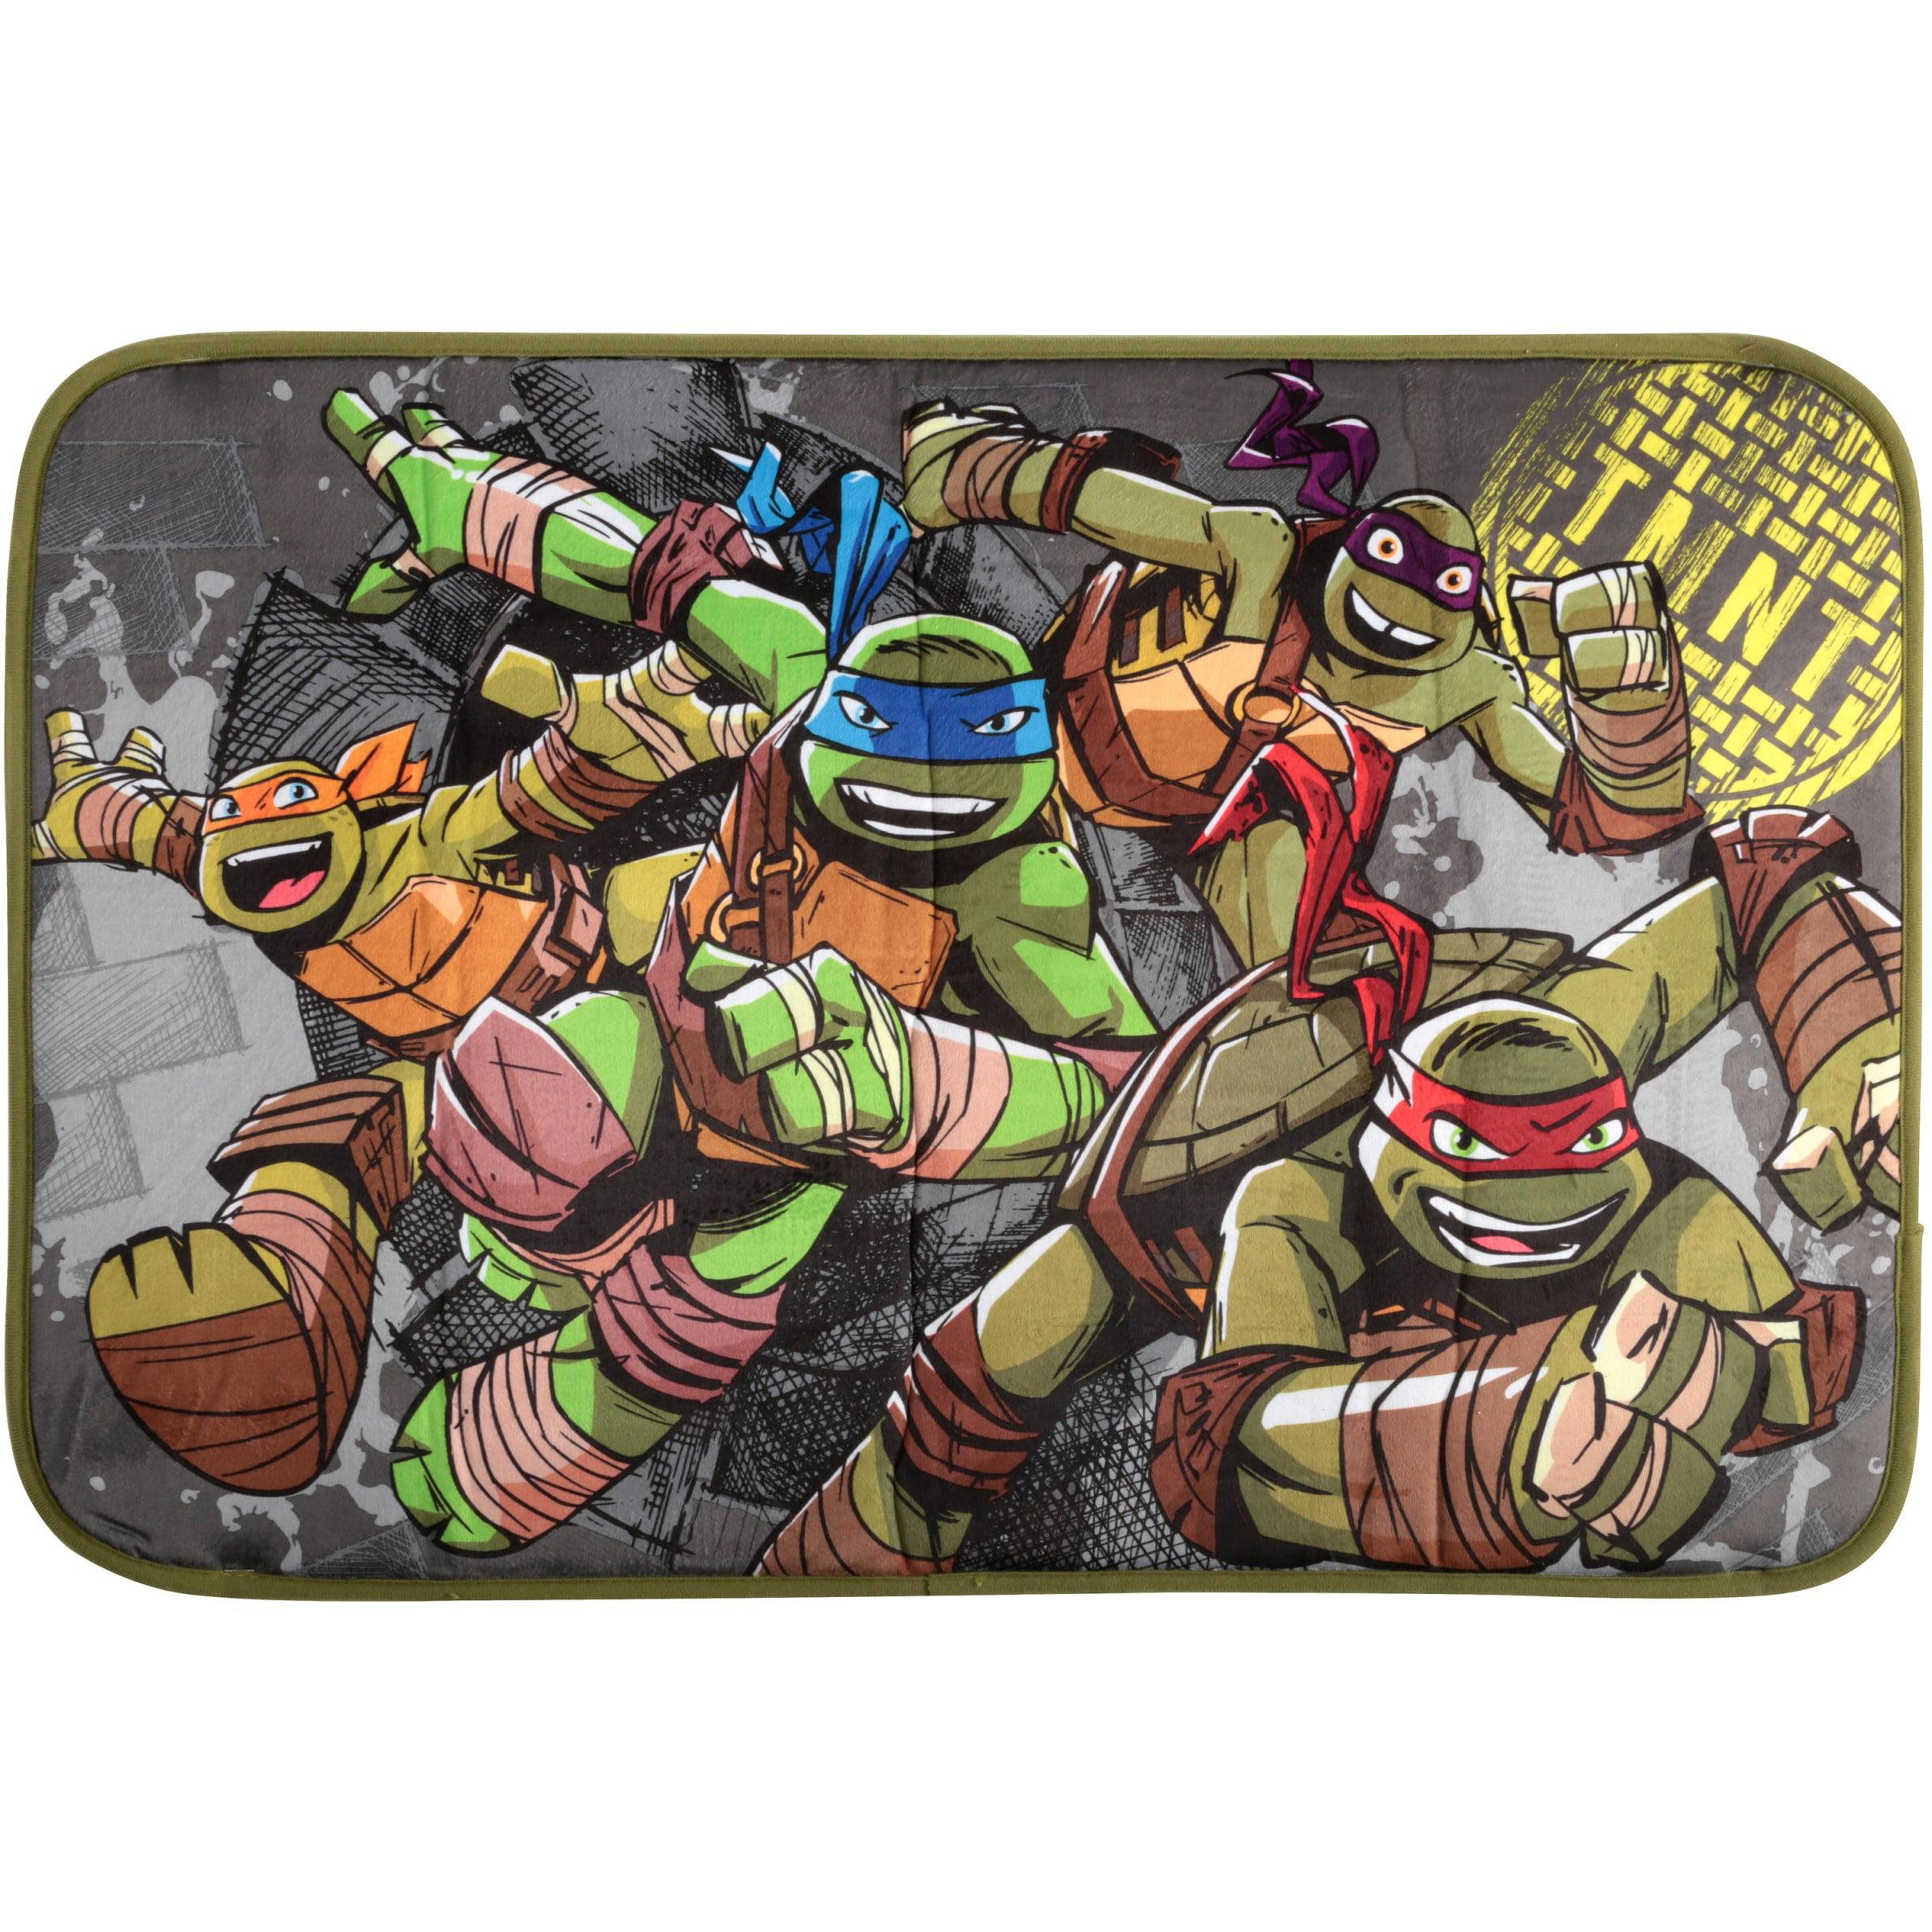 Nickelodeon Teenage Mutant Ninja Turtles Foam Bath Rug, 1 Each